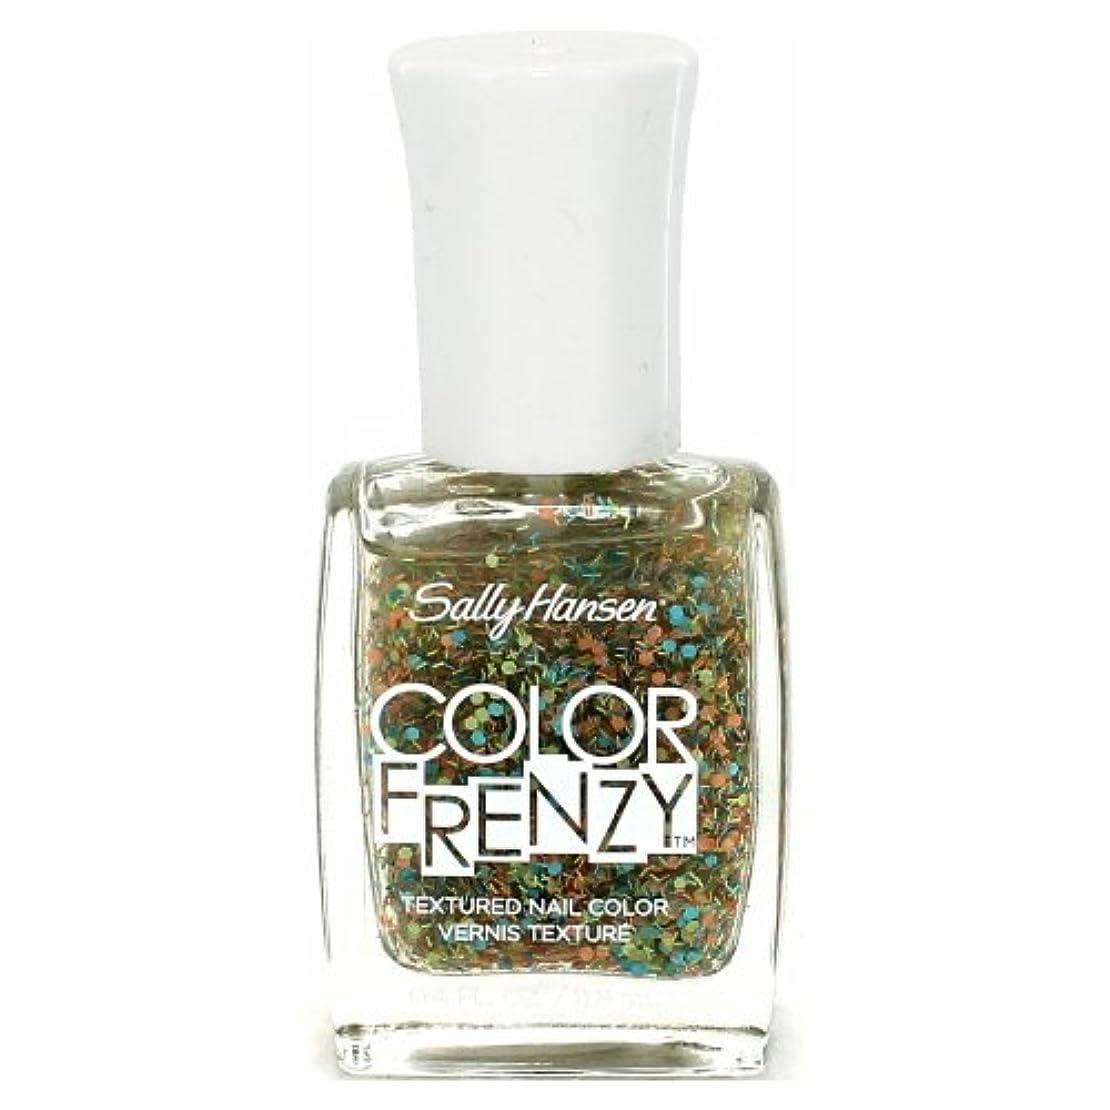 資格学校の先生賢明な(6 Pack) SALLY HANSEN Color Frenzy Textured Nail Color - Paint Party (並行輸入品)